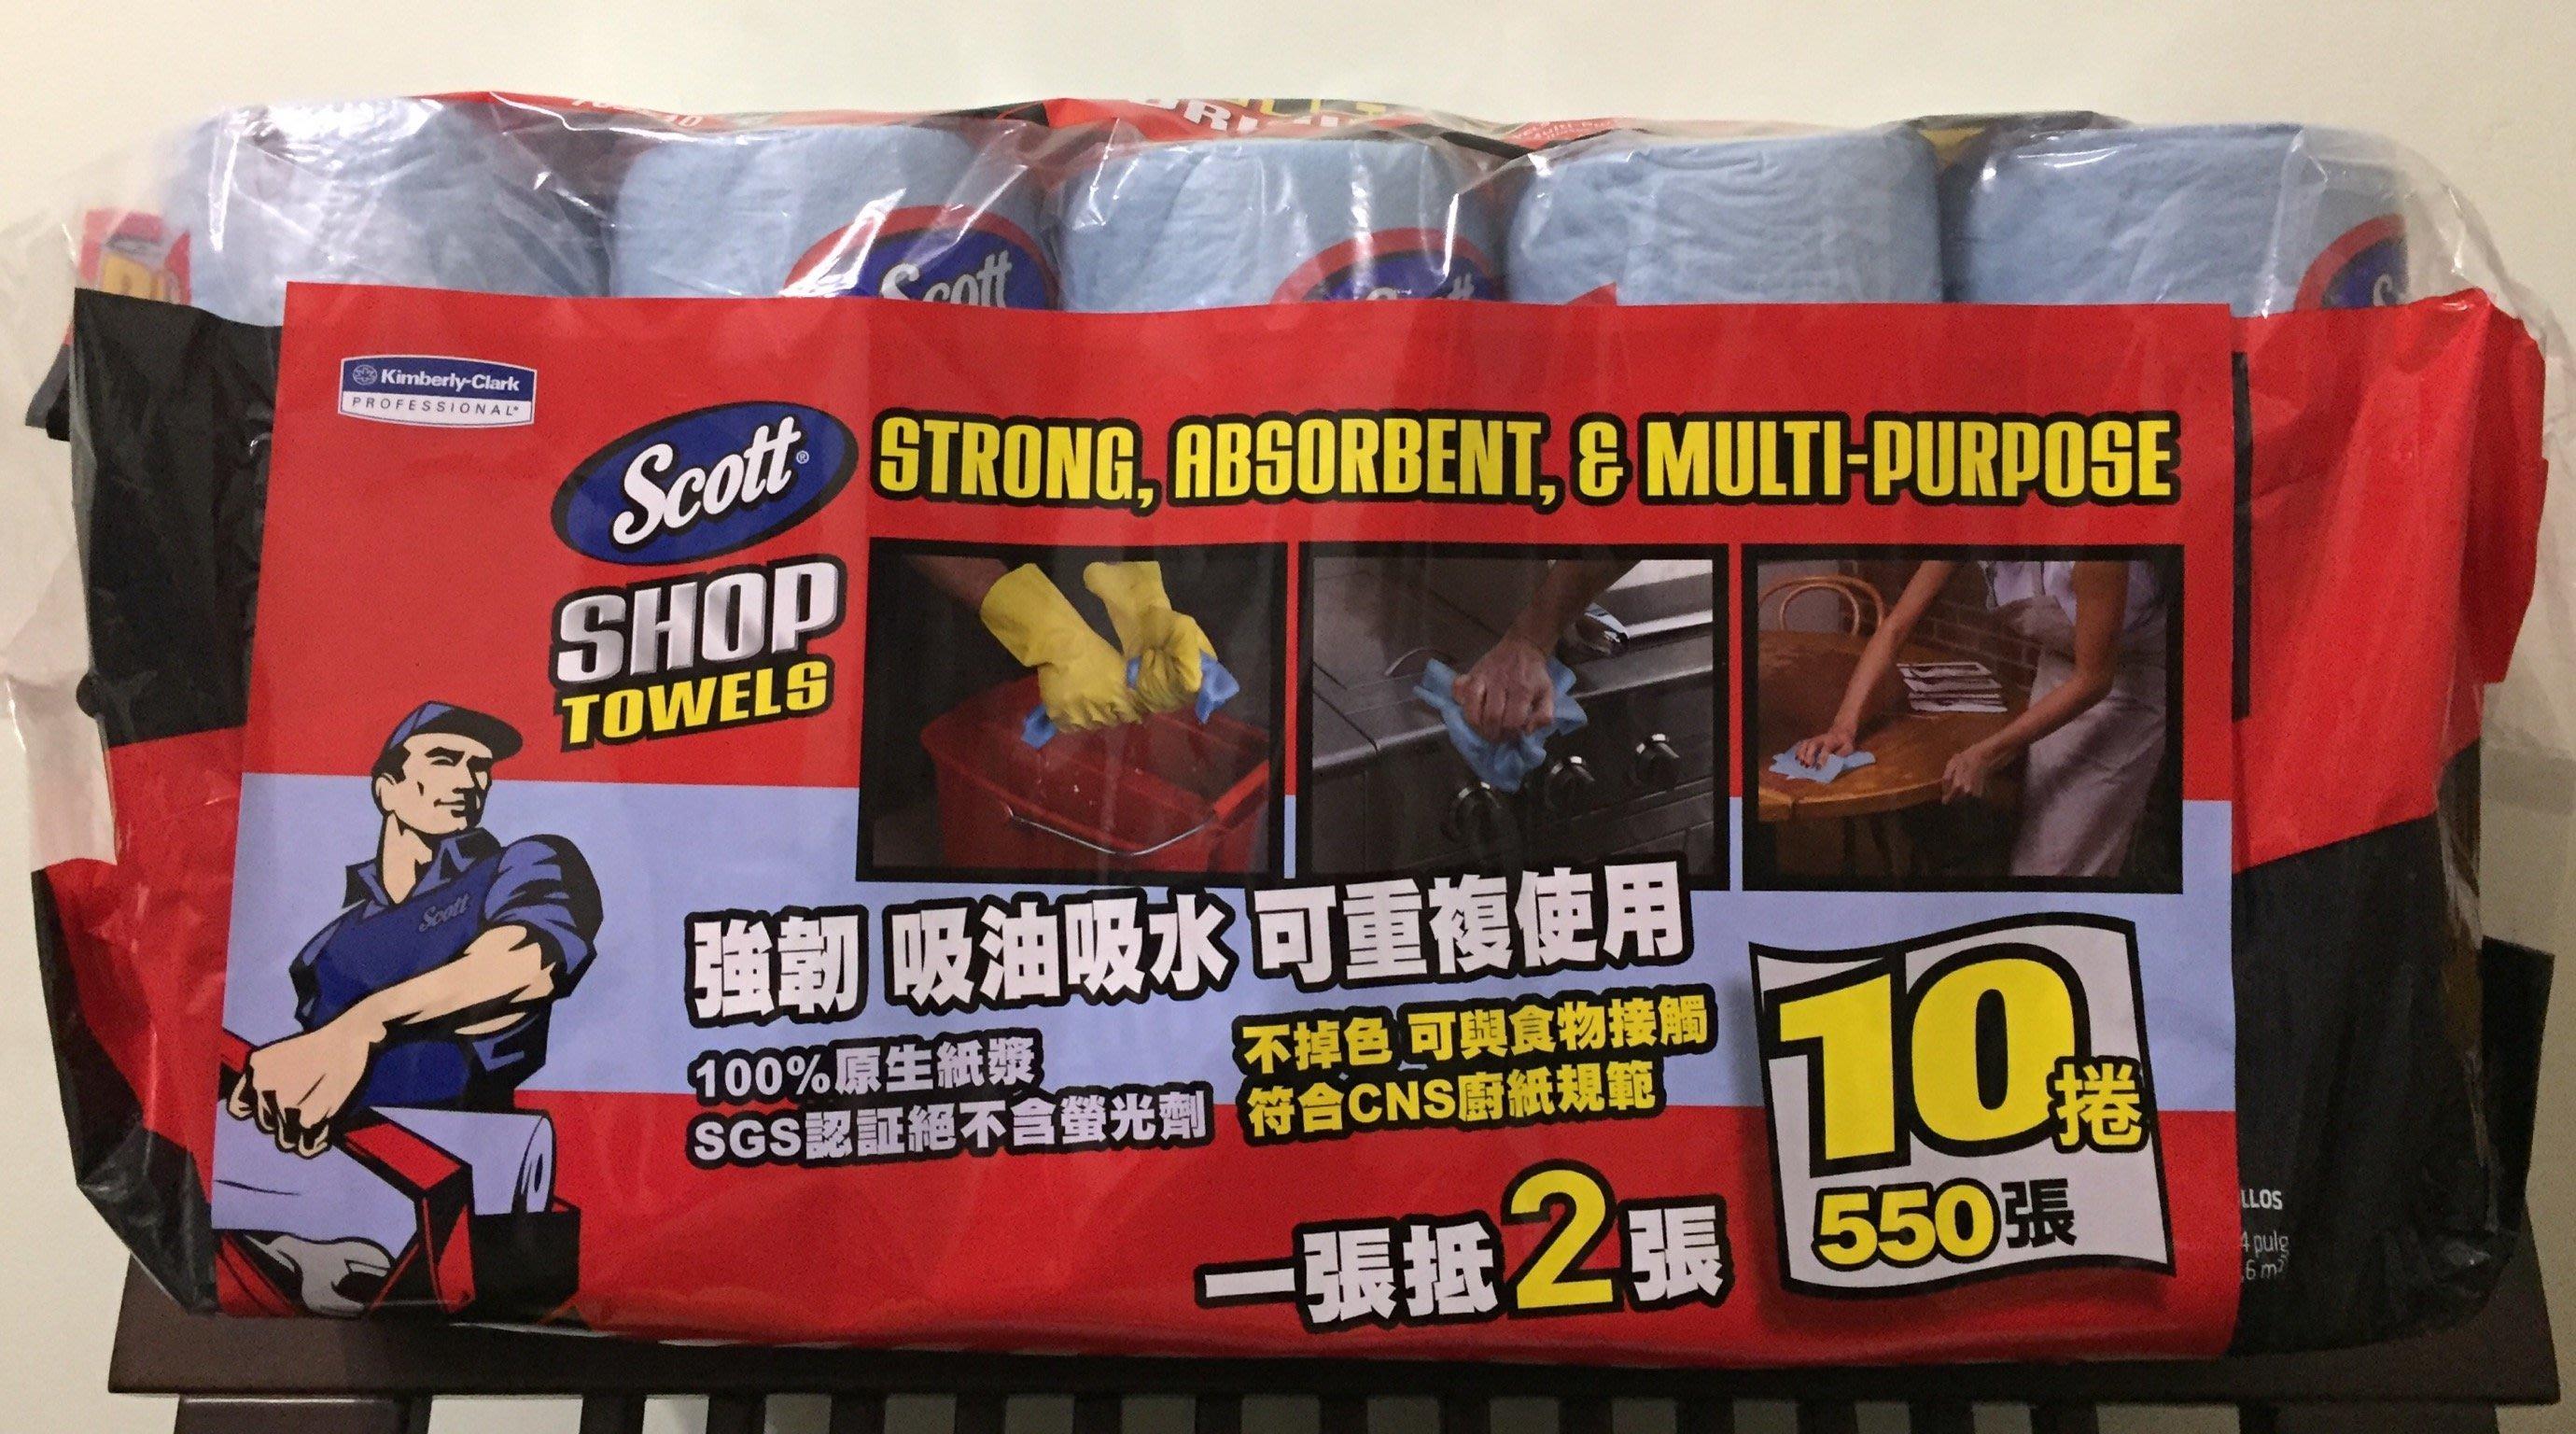 【佩佩的店】COSTCO 好市多 Scott Shop 金百利 萬用超強吸力紙抹布 單捲 (每捲55張) 新莊可面交